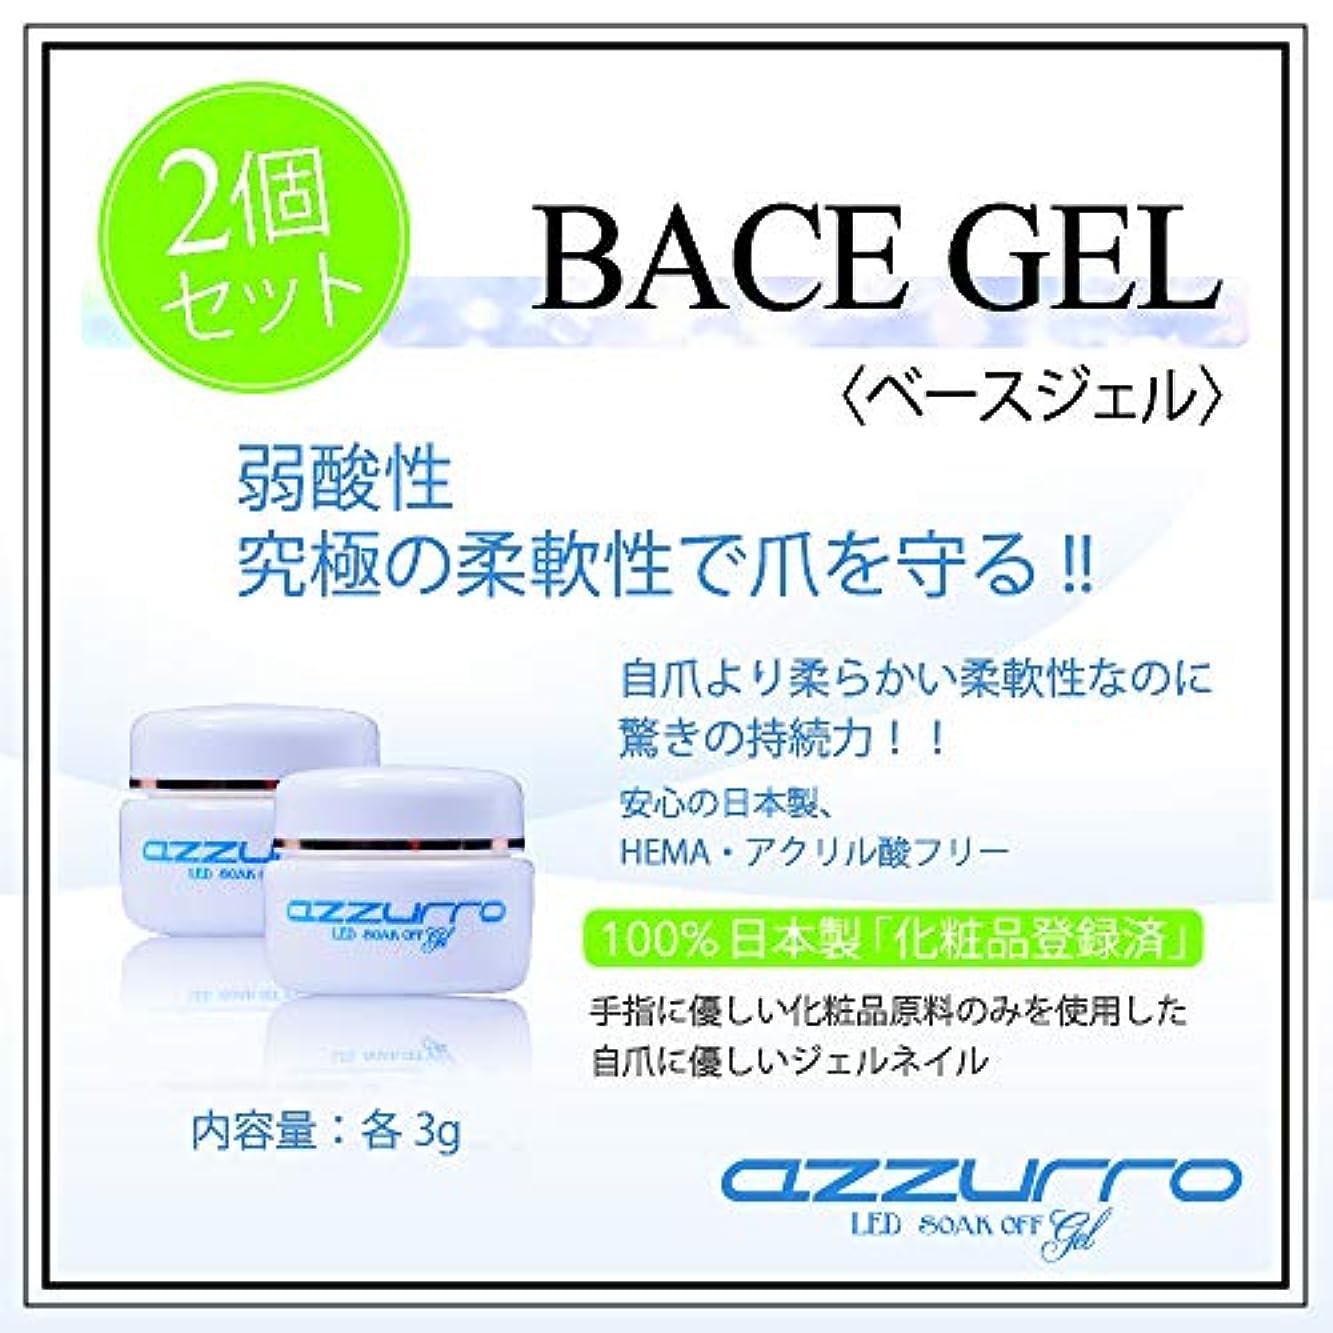 修復肝出来事azzurro gel アッズーロベースジェル お得な2個セット 爪に優しい 日本製 驚きの密着力 リムーバーでオフも簡単3g